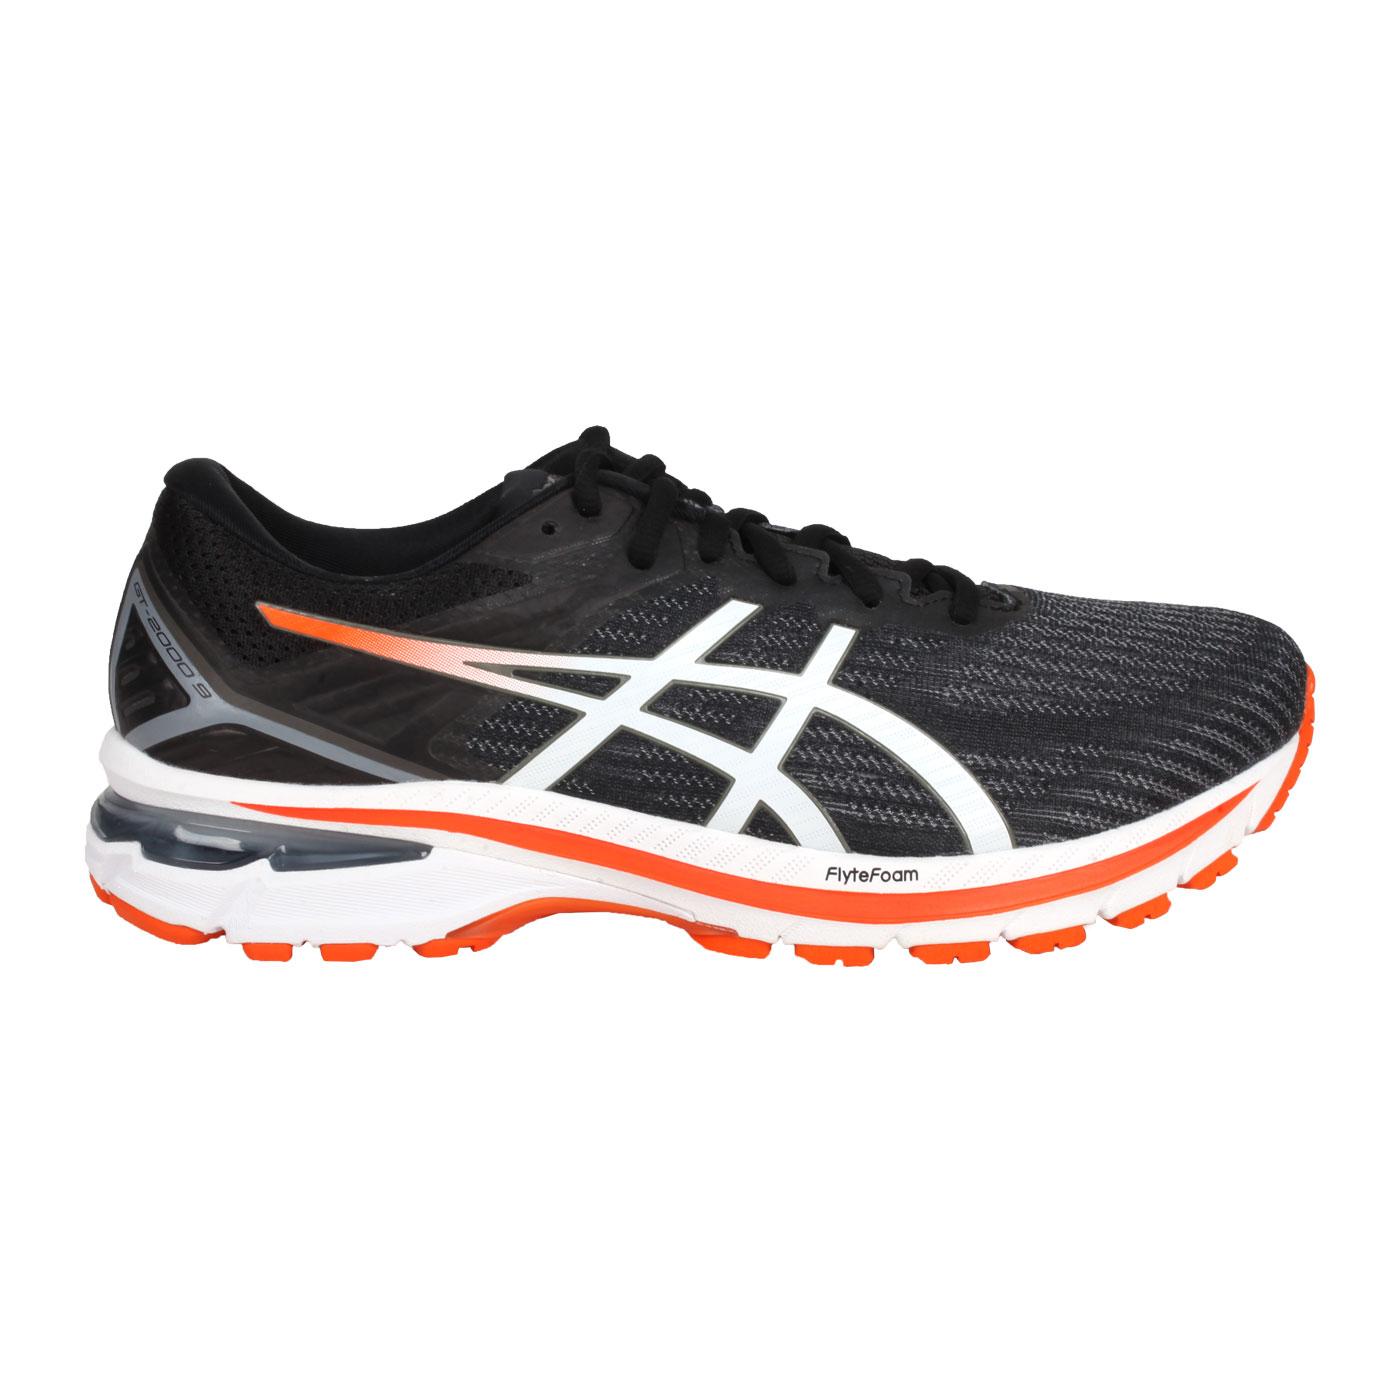 ASICS 男款慢跑鞋-4E  @GT-2000 9@1011A987-004 - 灰黑白橘